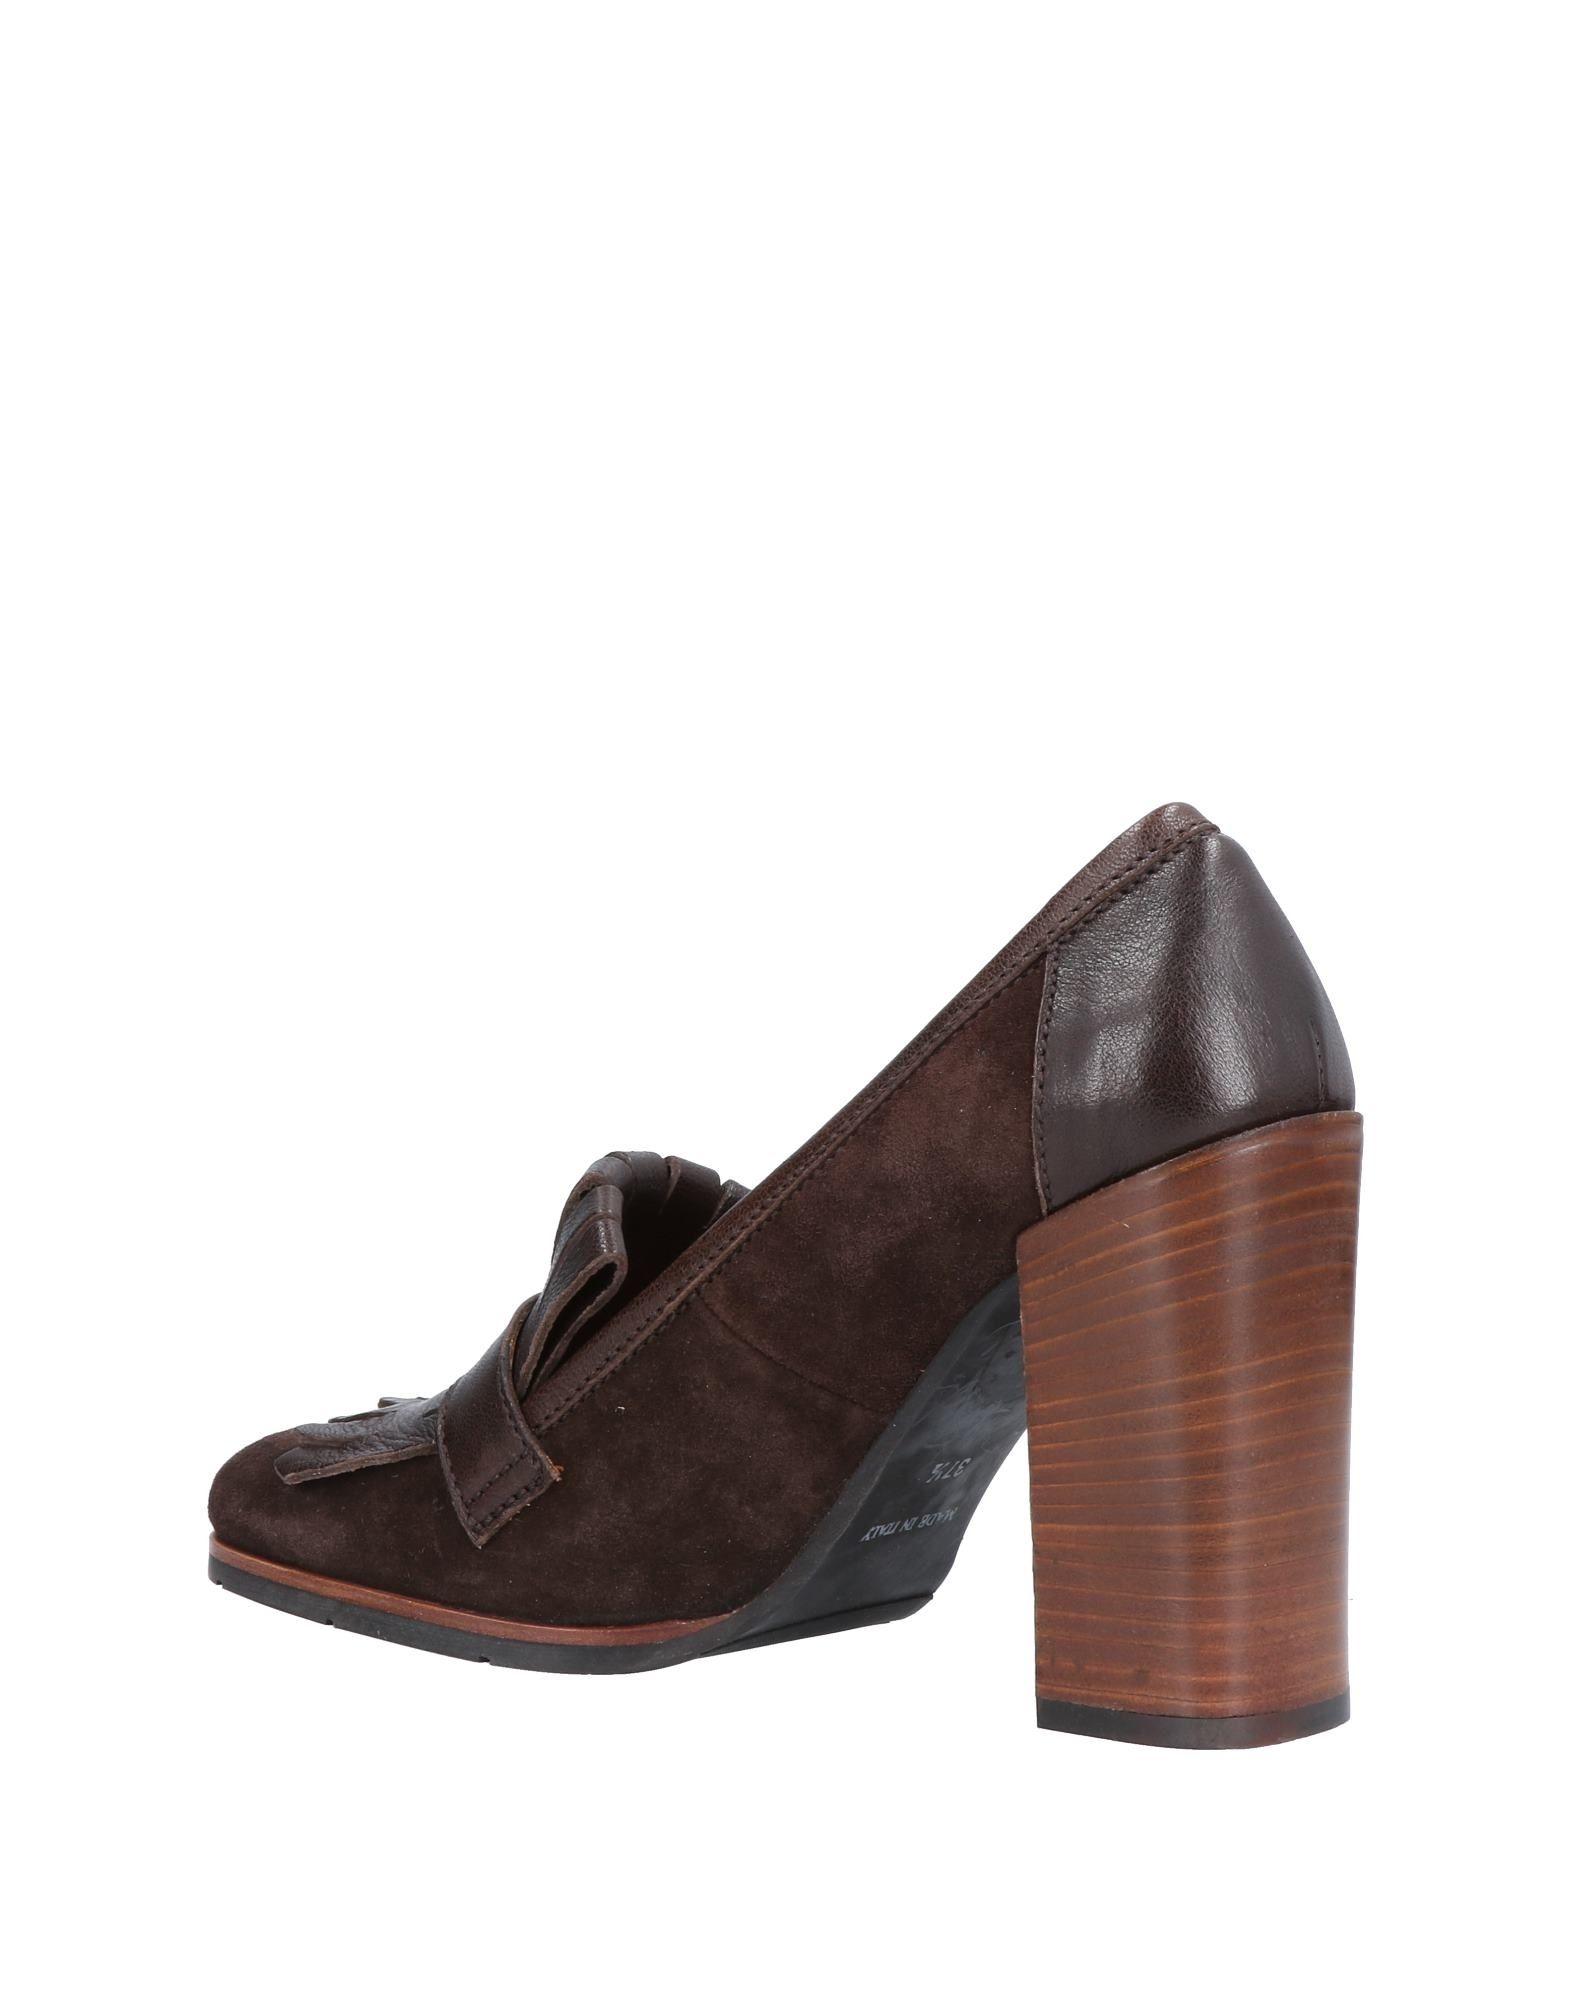 Cuoieria Mokassins Damen  Schuhe 11482716FI Gute Qualität beliebte Schuhe  c44c66